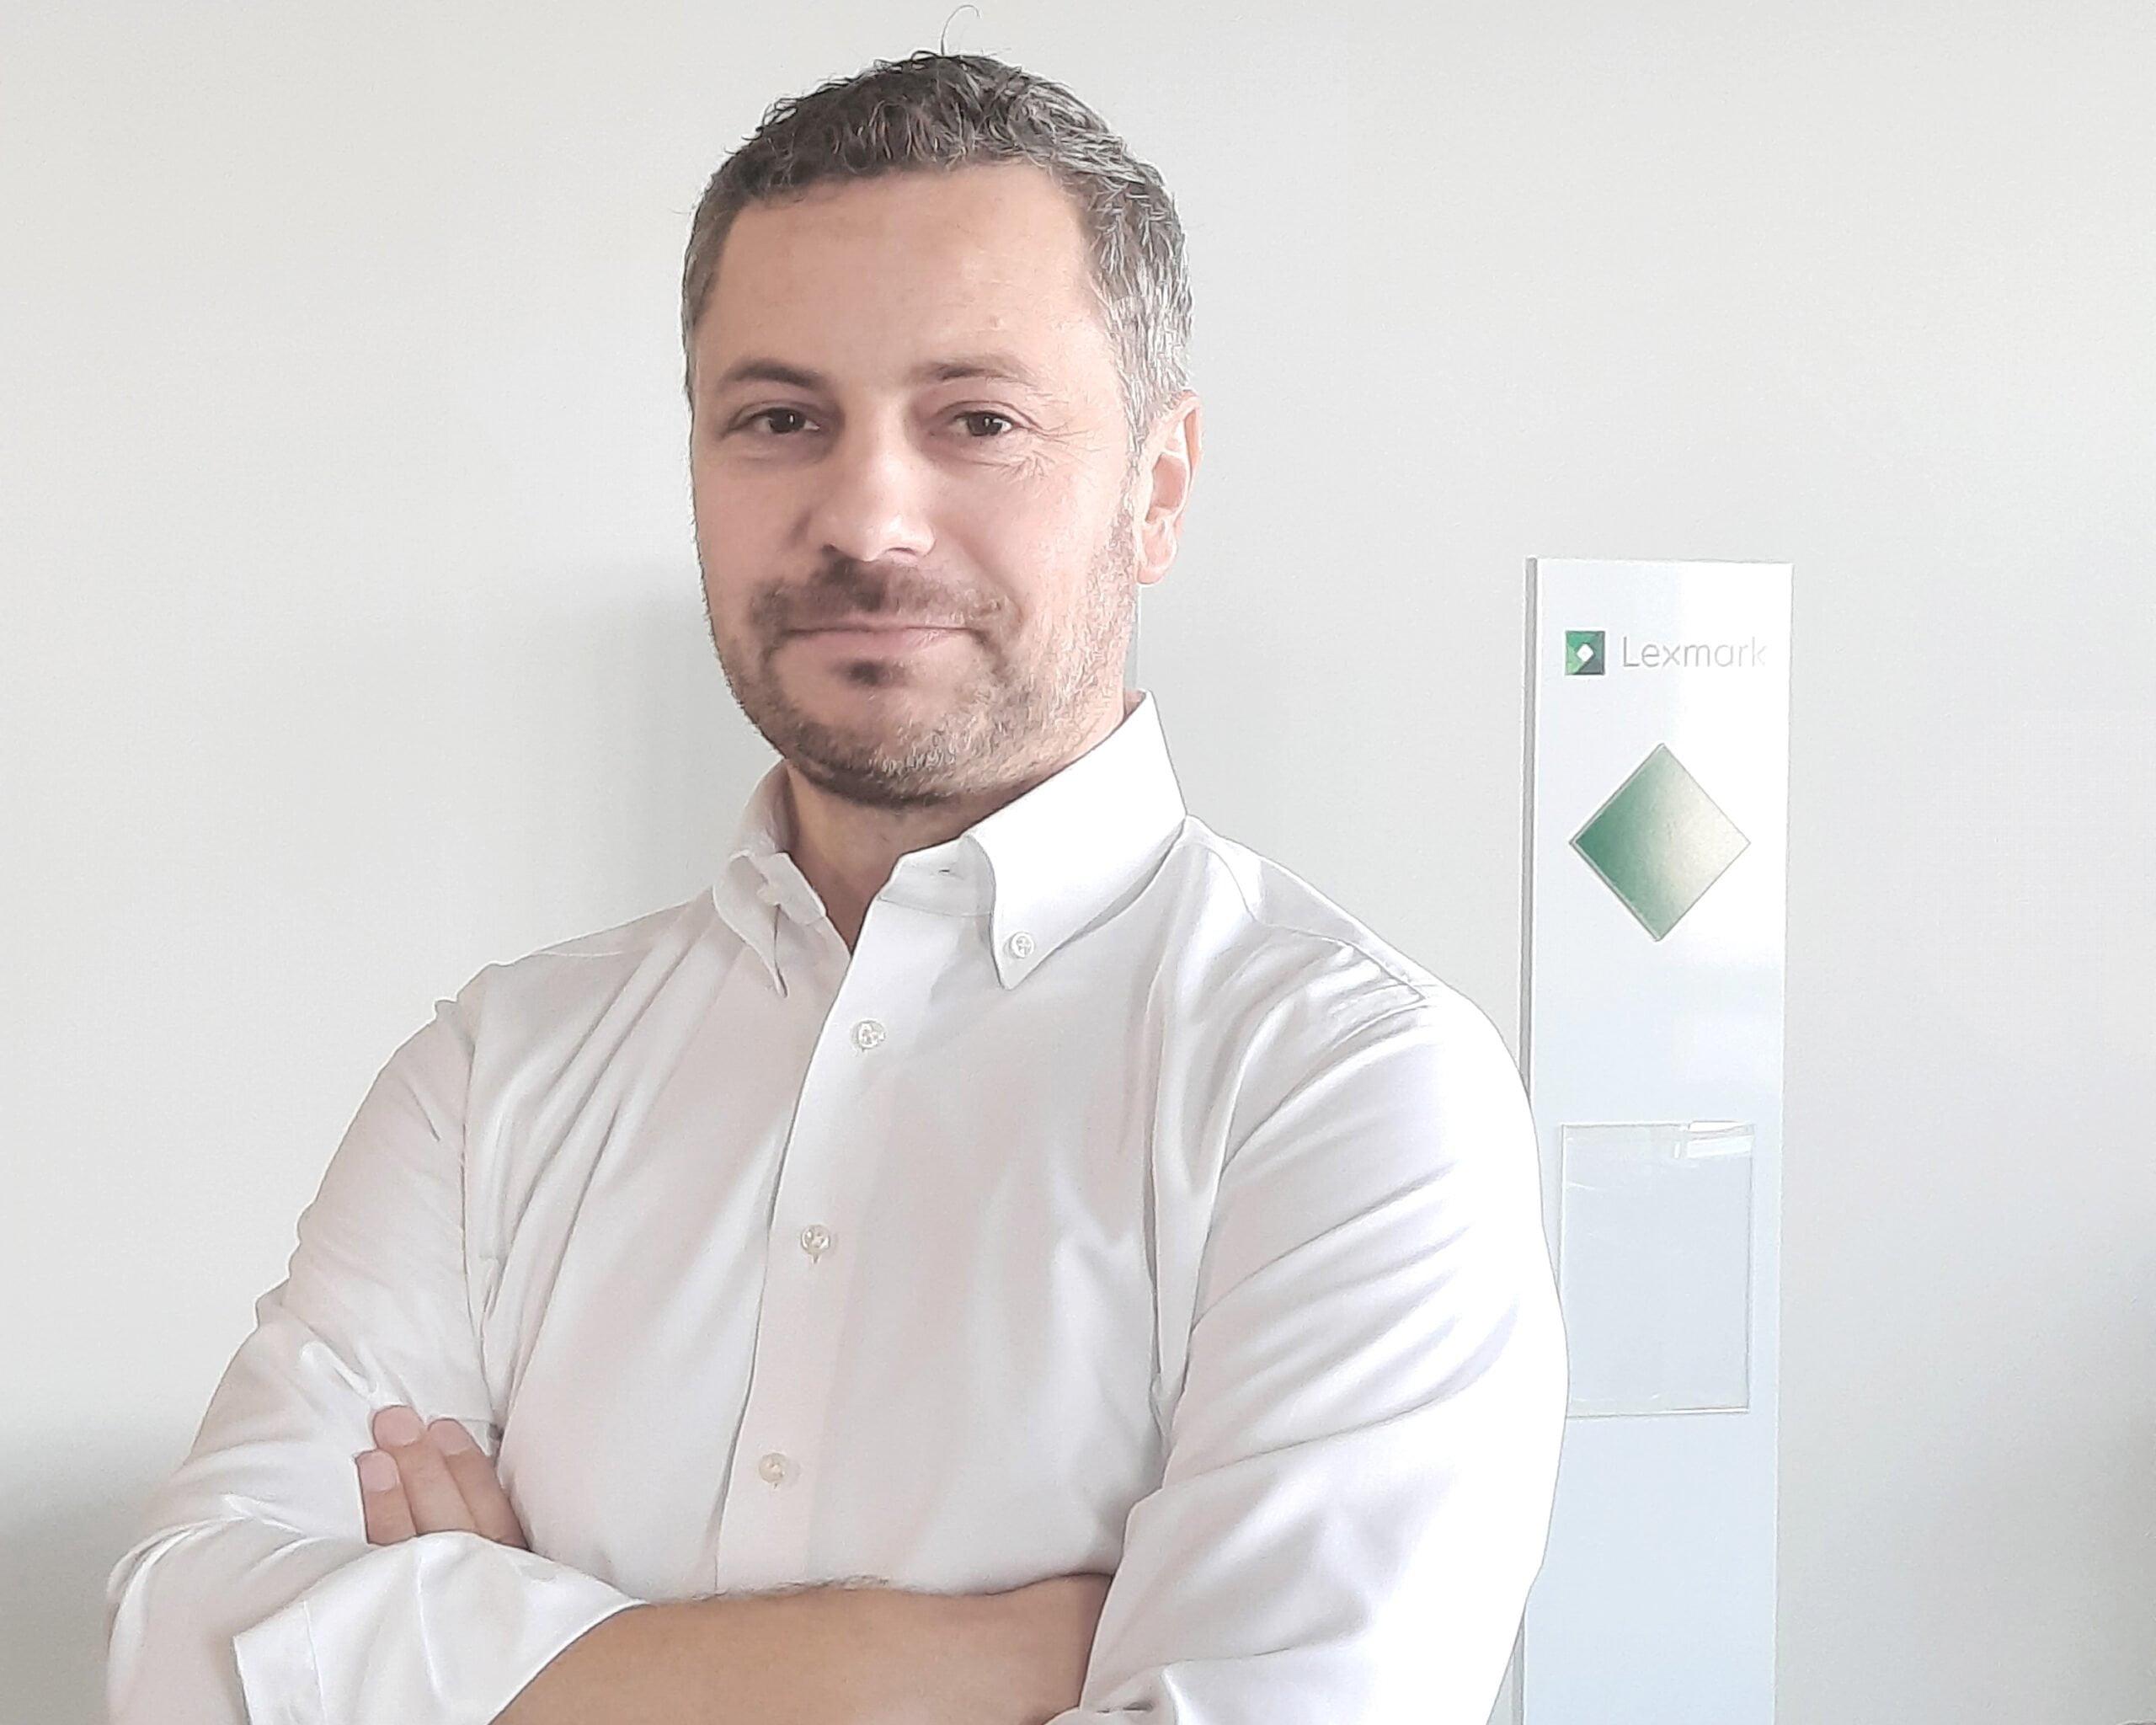 Grzegorz Najda, lexmark